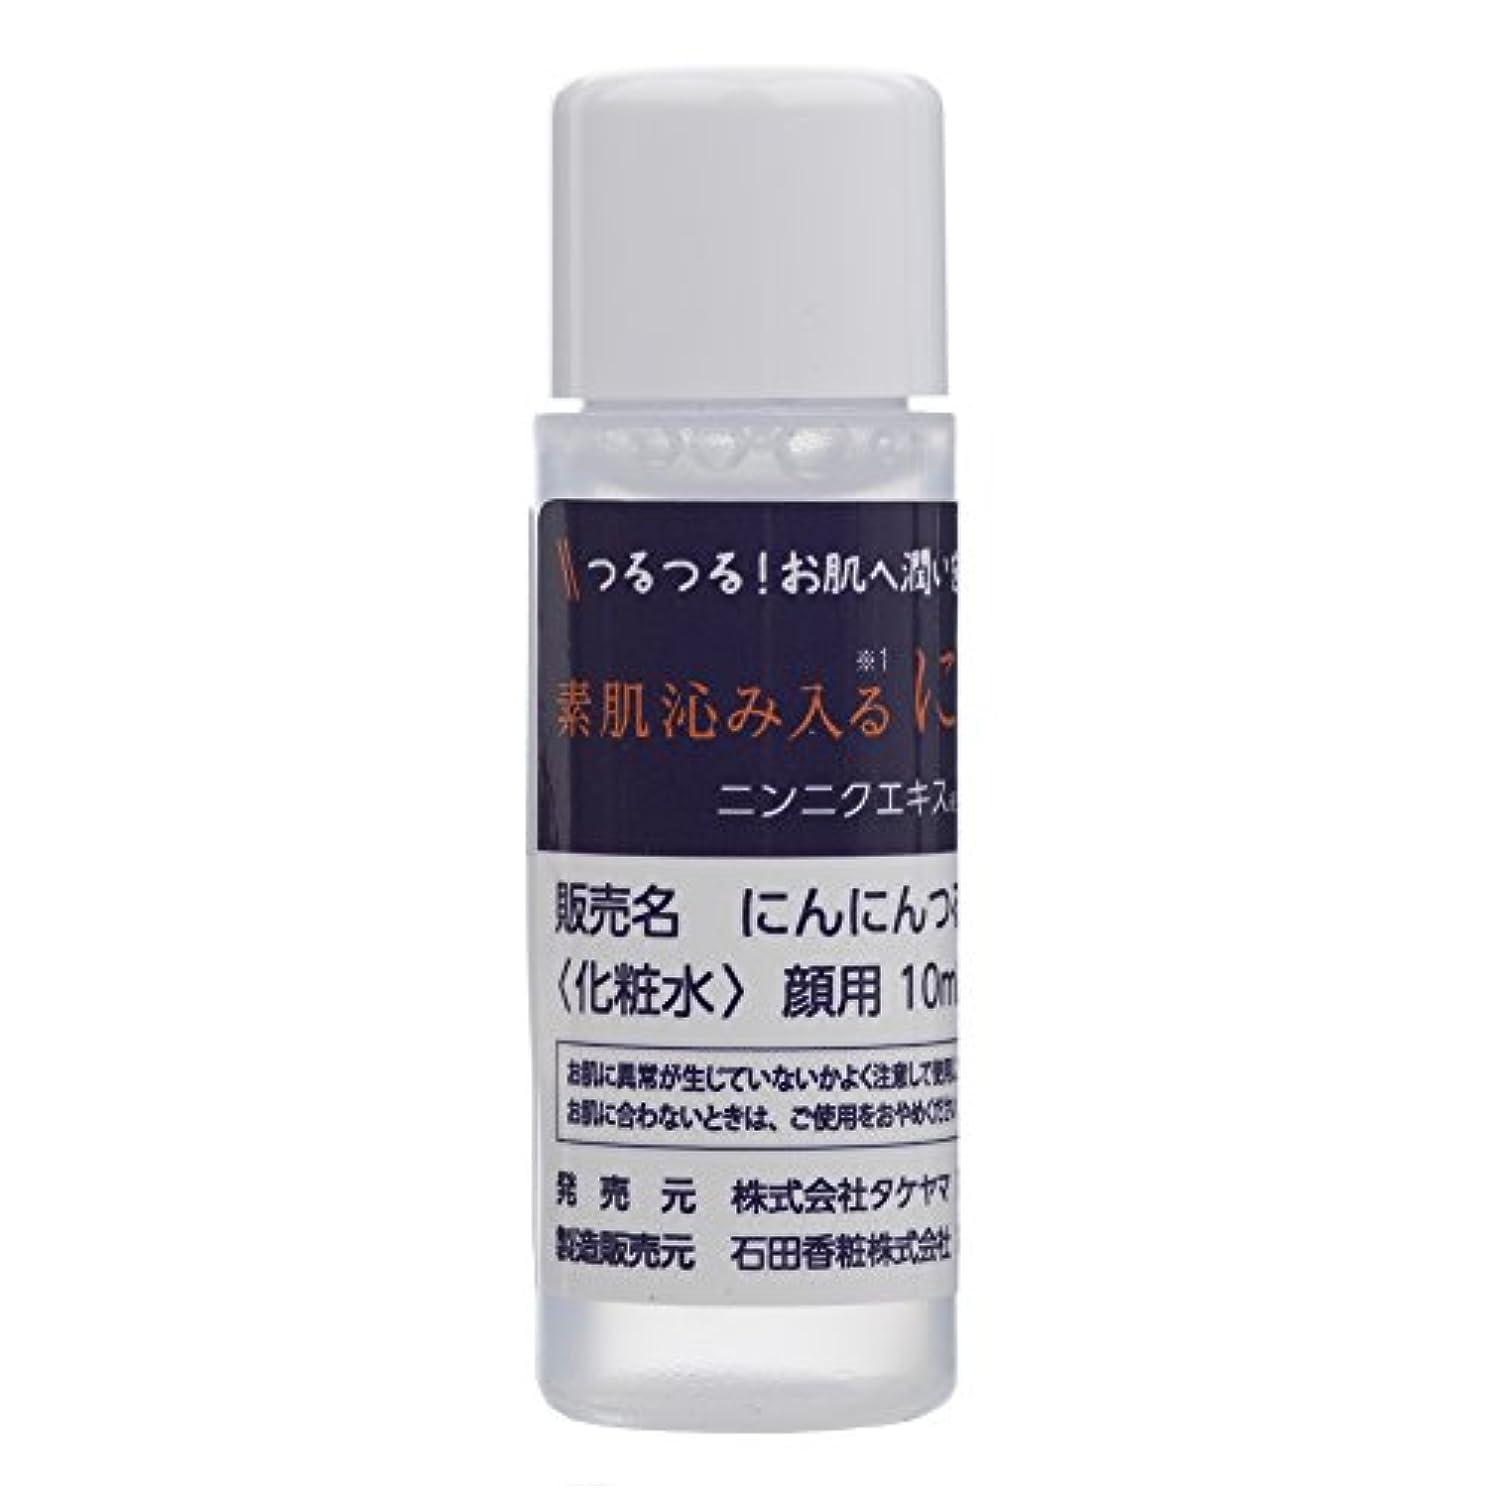 休暇不定にんにんつるり お肌の健康と潤いを保つ化粧水です。 10ml